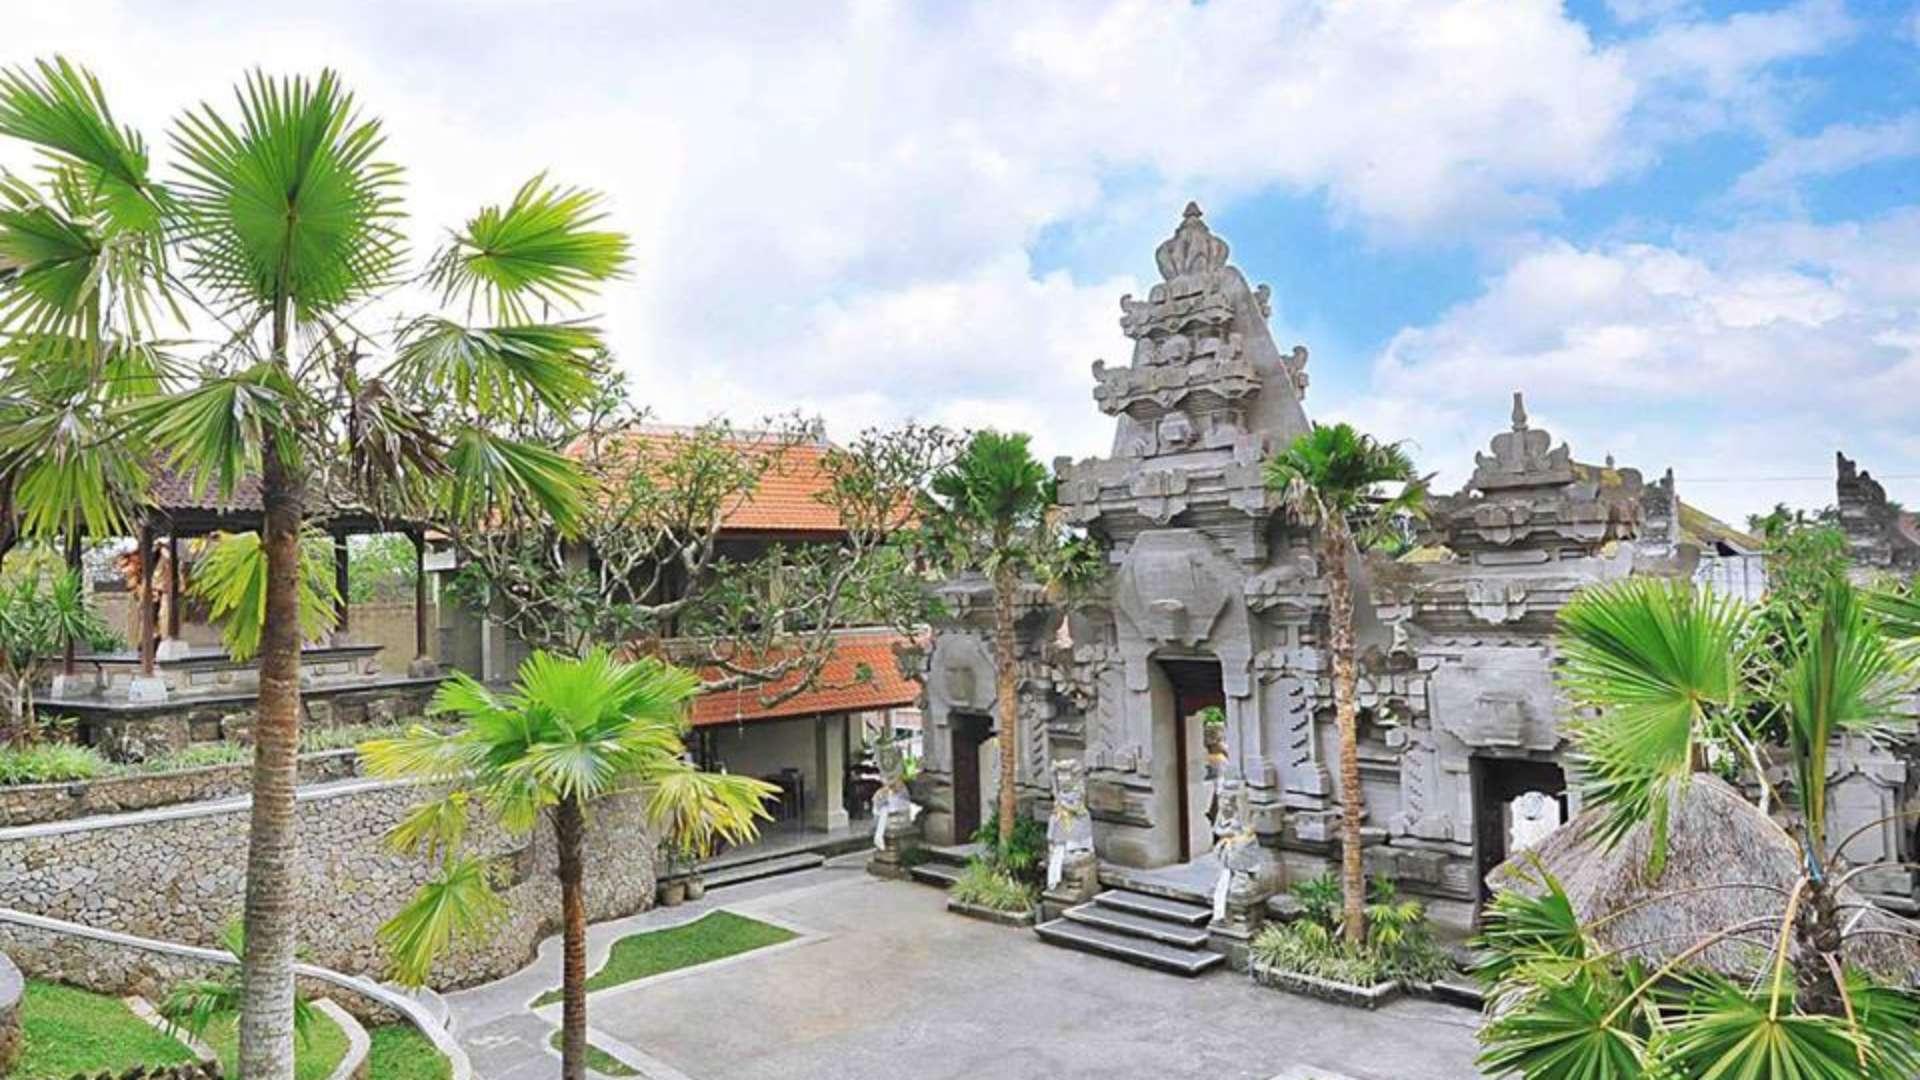 Museum Puri Lukisan Bvlgari Resort Bali Kab Gianyar